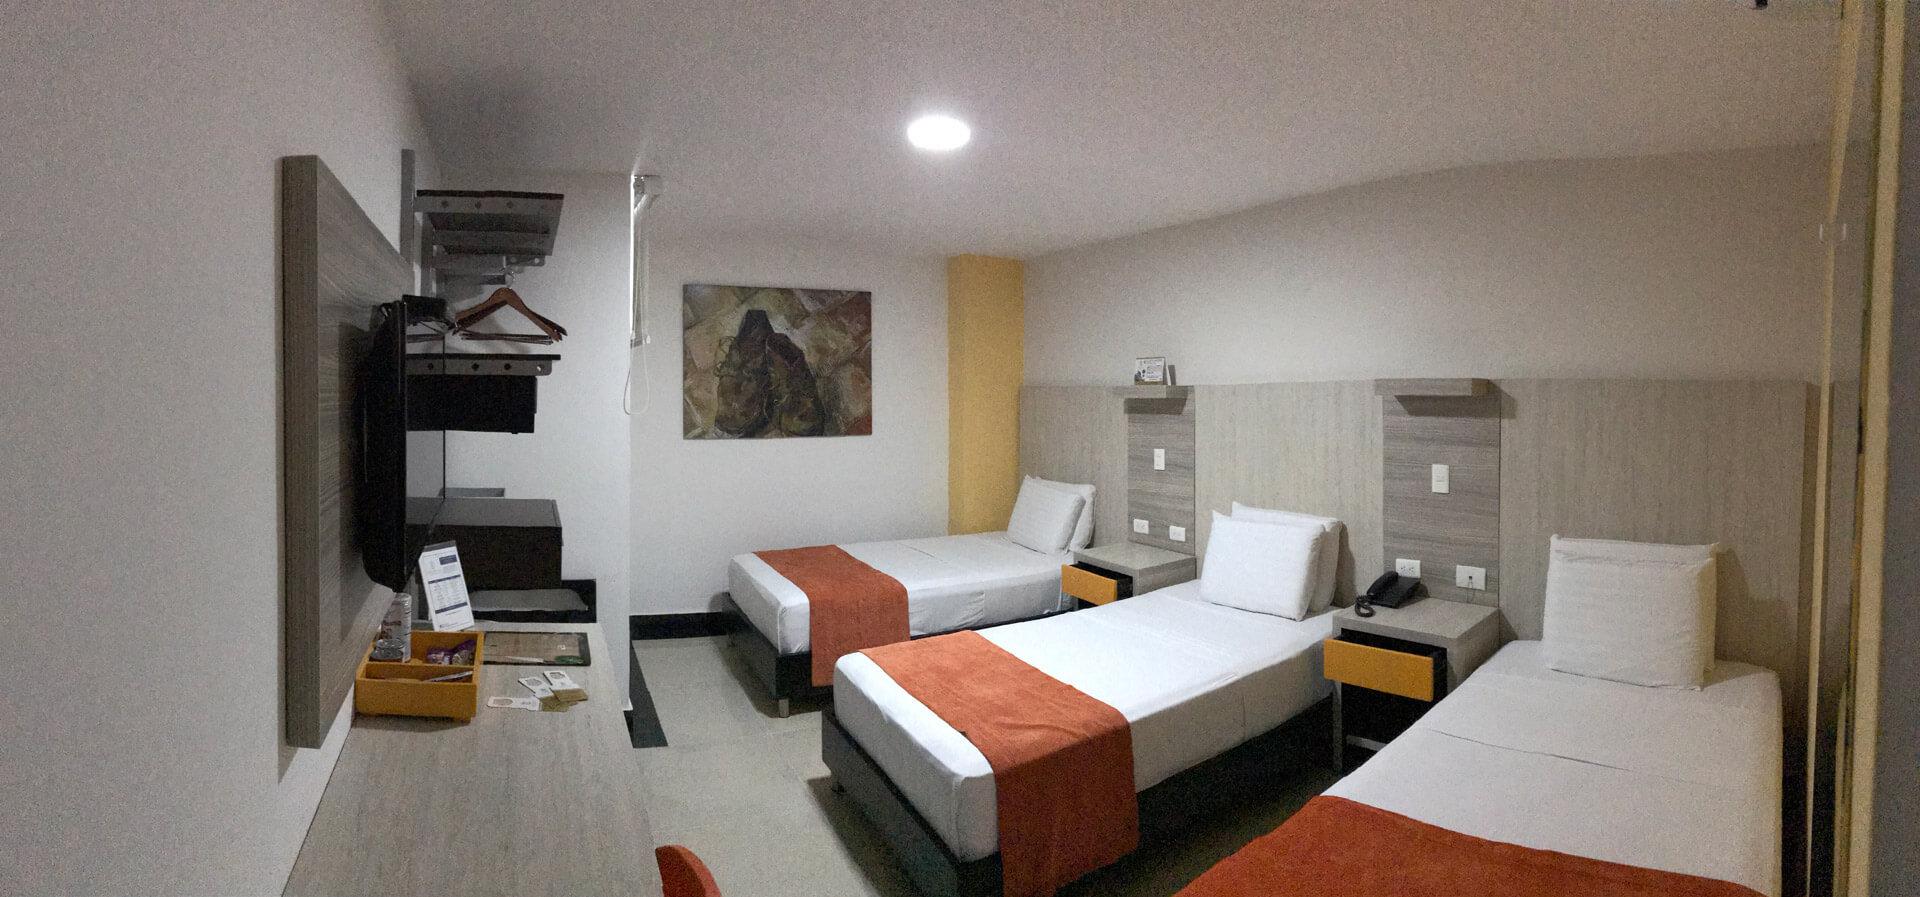 Hotel con habitación para tres o más personas - hotel Génova Prado